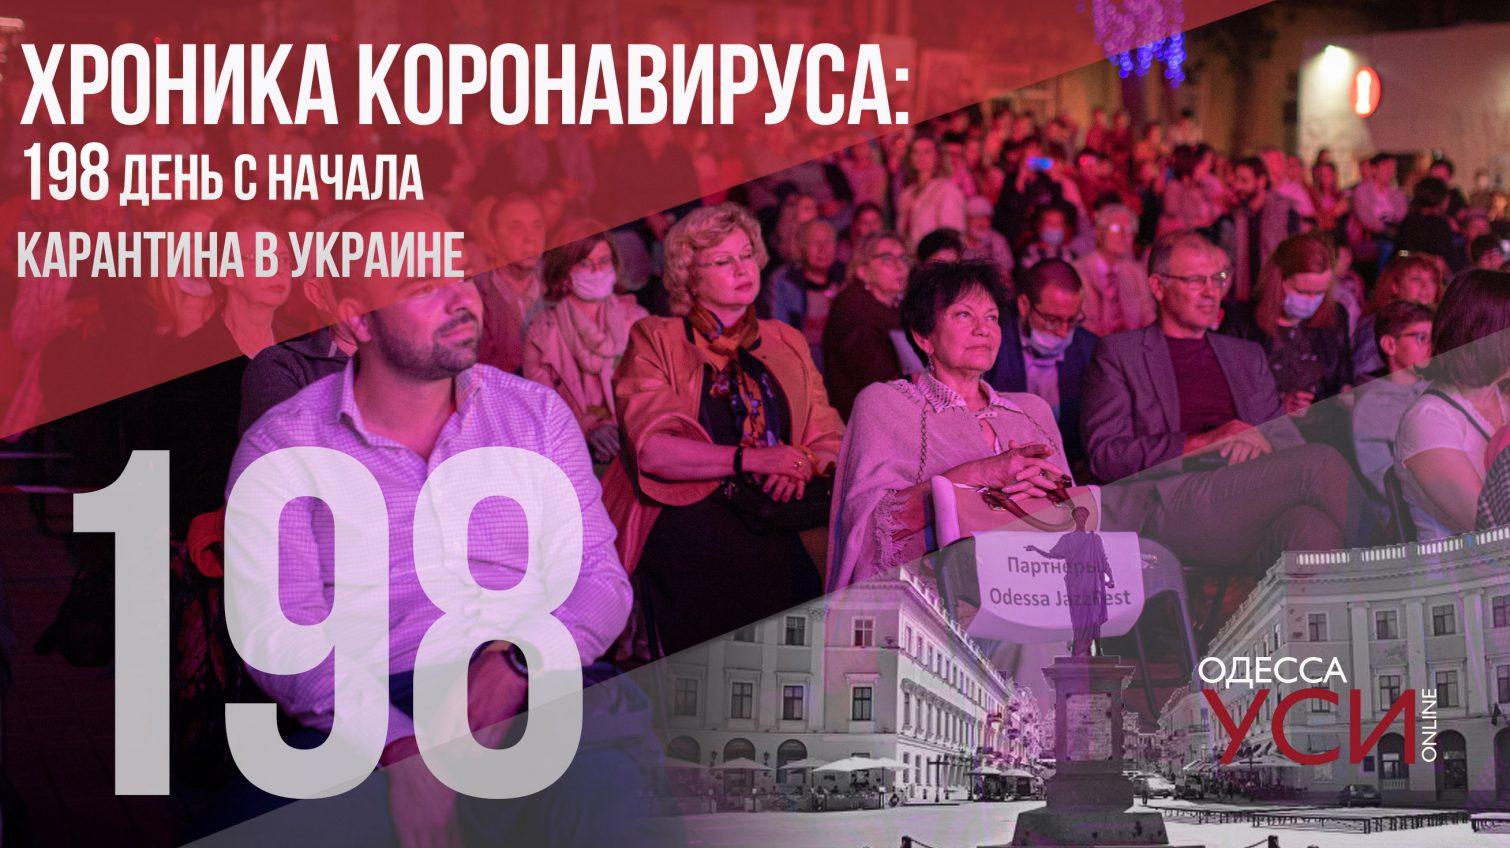 Хроника коронавируса: на 198 день с начала карантина в Одесском регионе 8 летальных «фото»